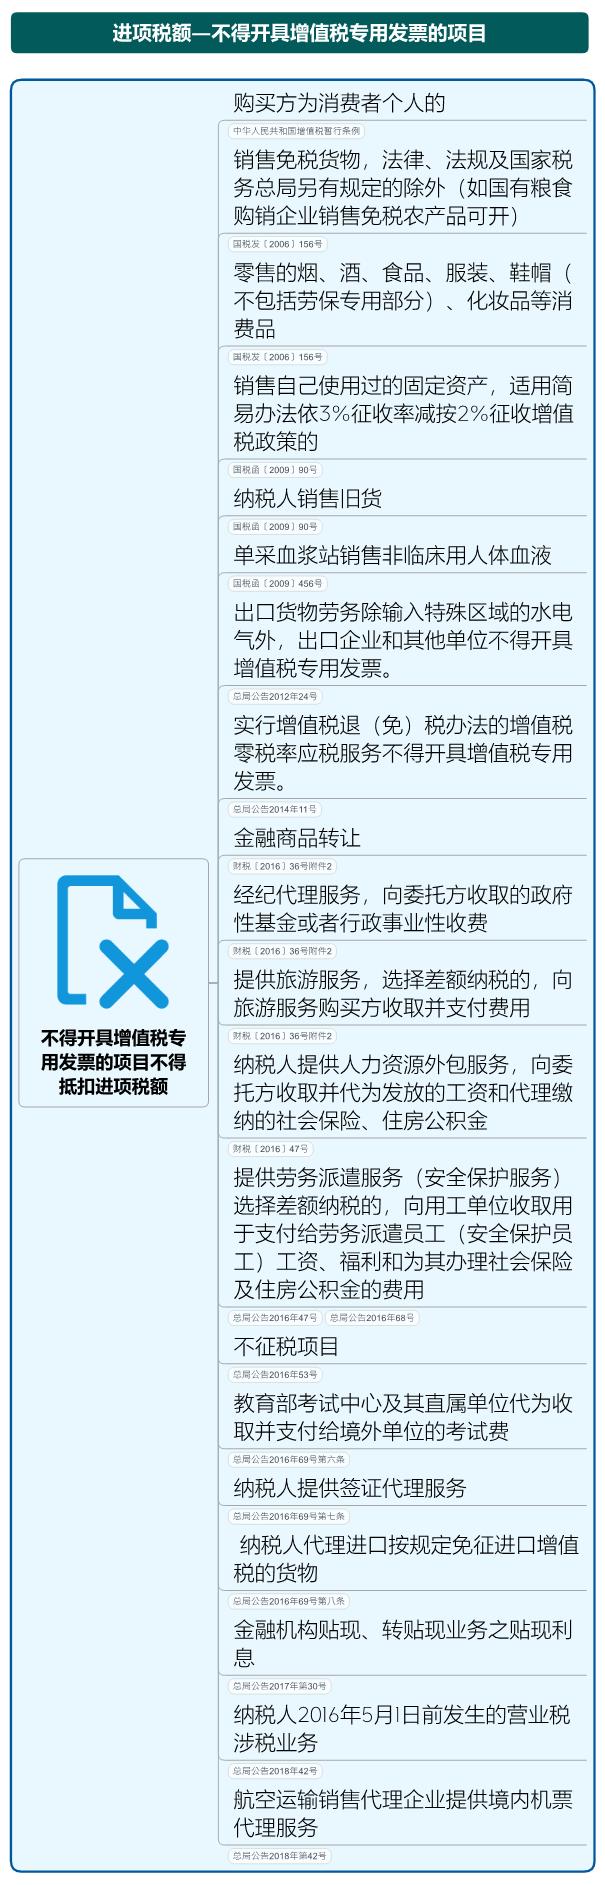 一帖带你读懂4月新版增值税!_10